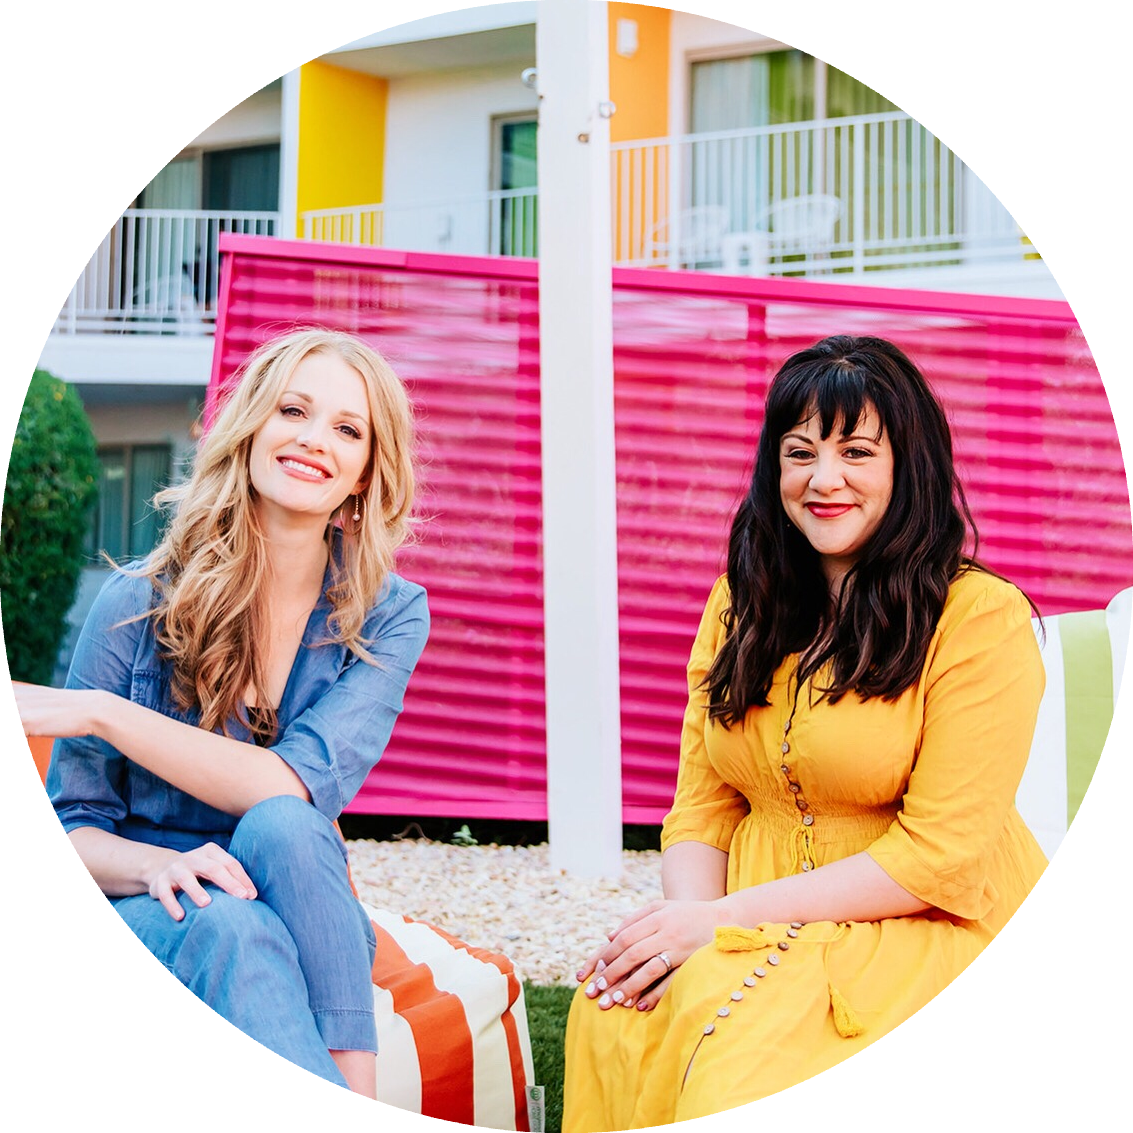 Leeann & Michelle 💃🏼💃 (leeannandmichelle) Profile Image | Linktree